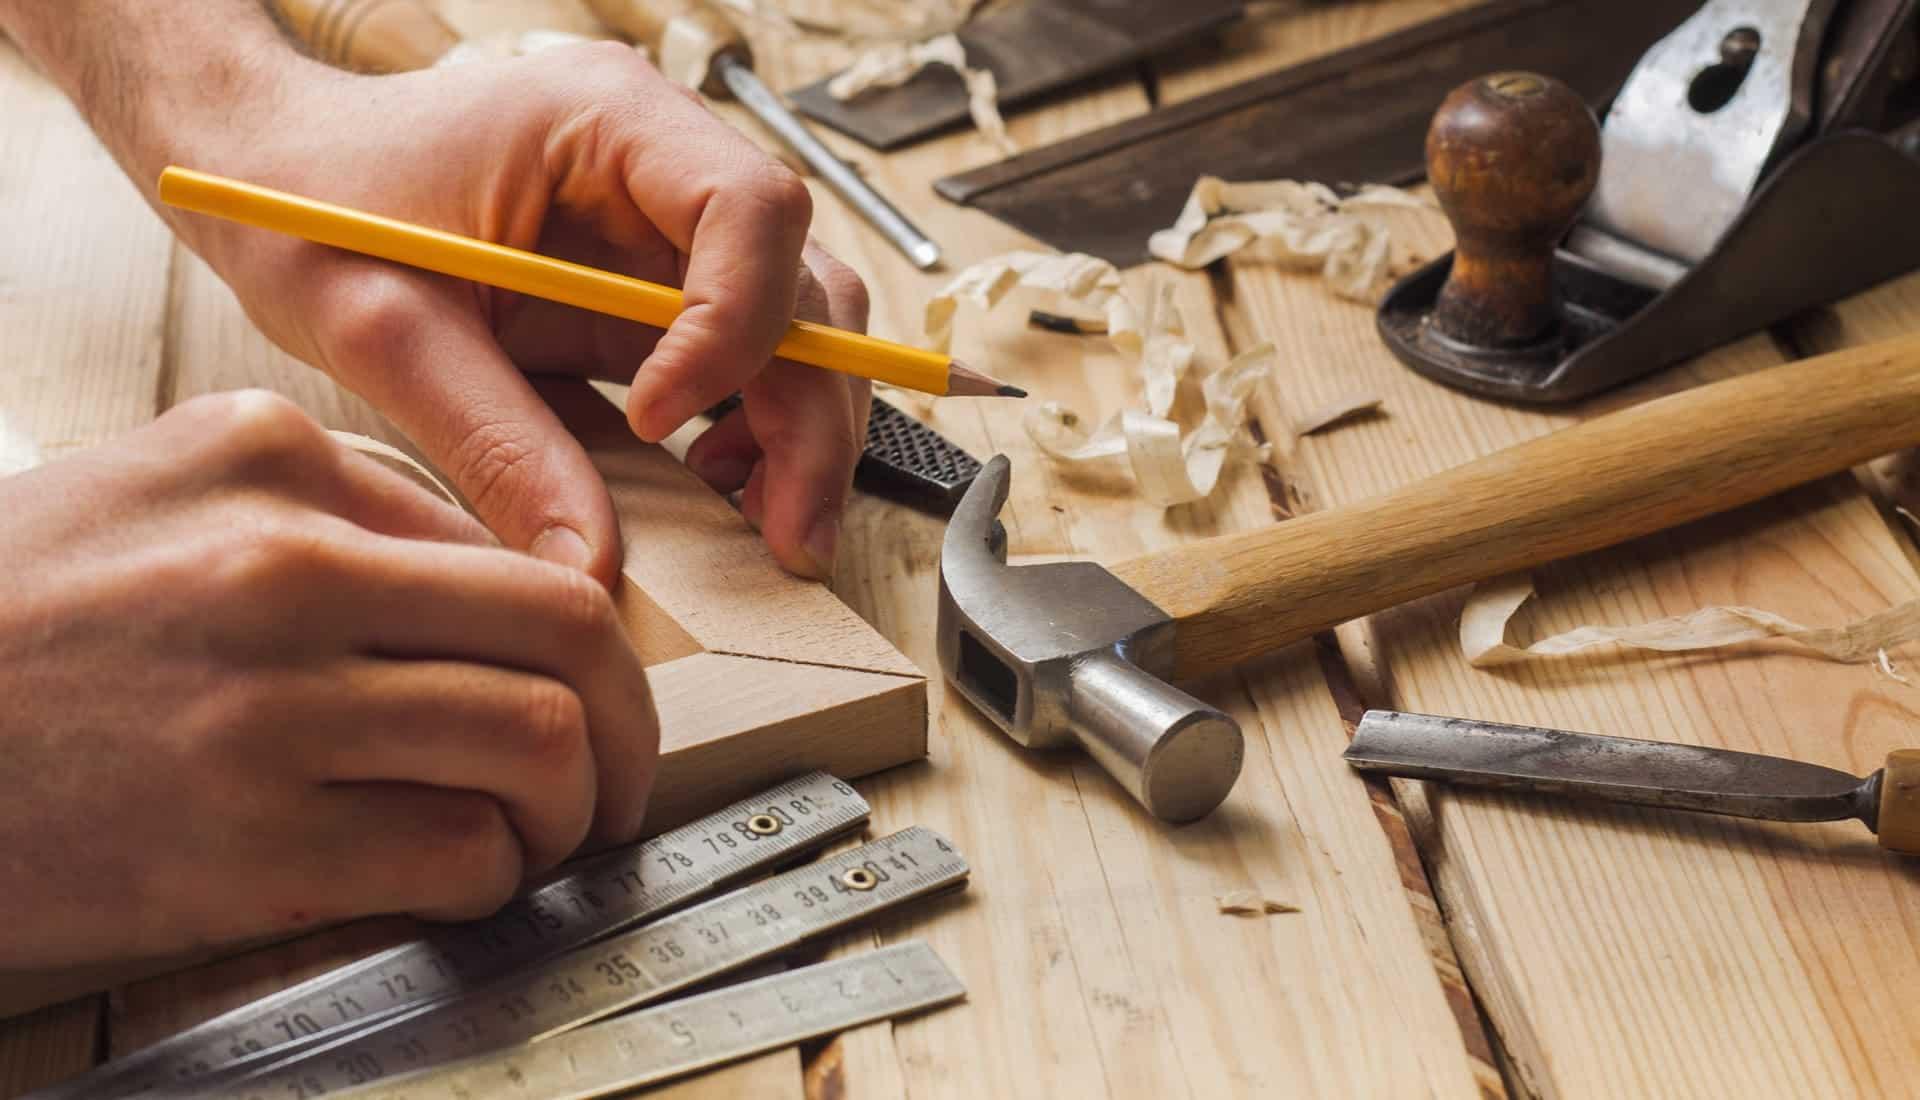 Dịch vụ sửa chữa đồ gỗ tại nhà Hà Nội (6)